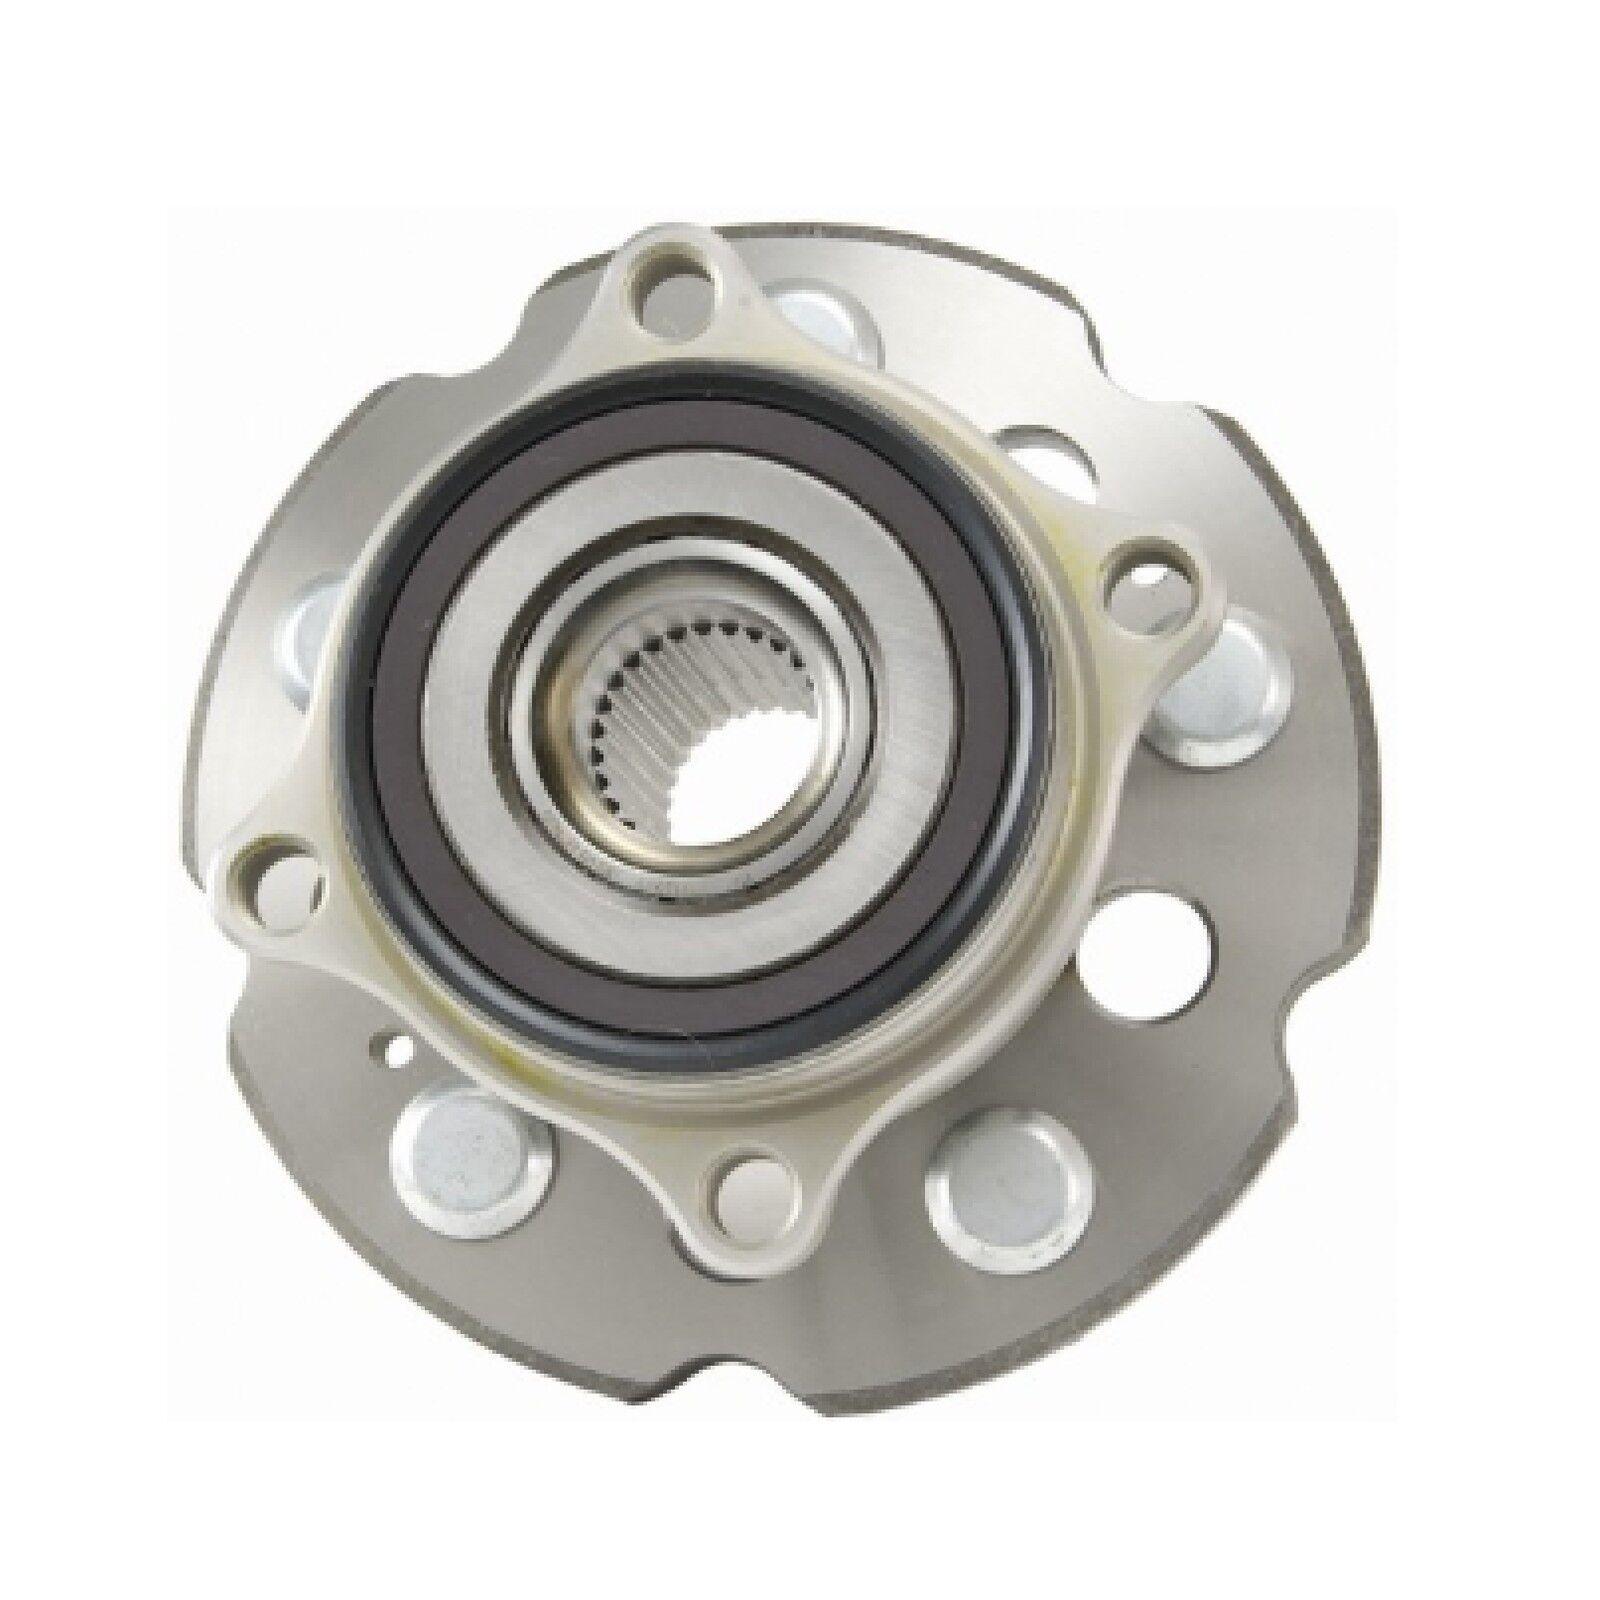 REAR Wheel Hub Bearing Assembly FIT 2010-2013 ACURA ZDX